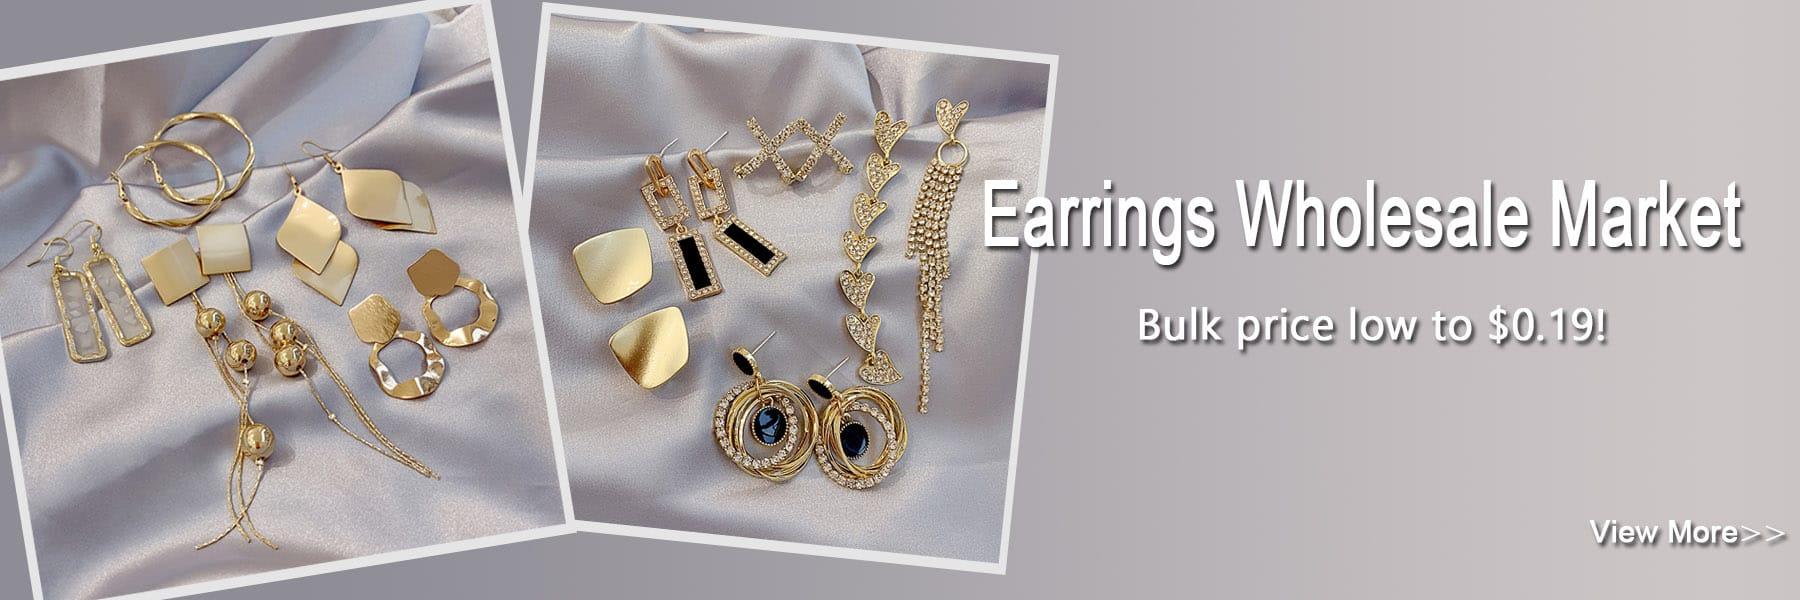 Earrings Wholesale Market